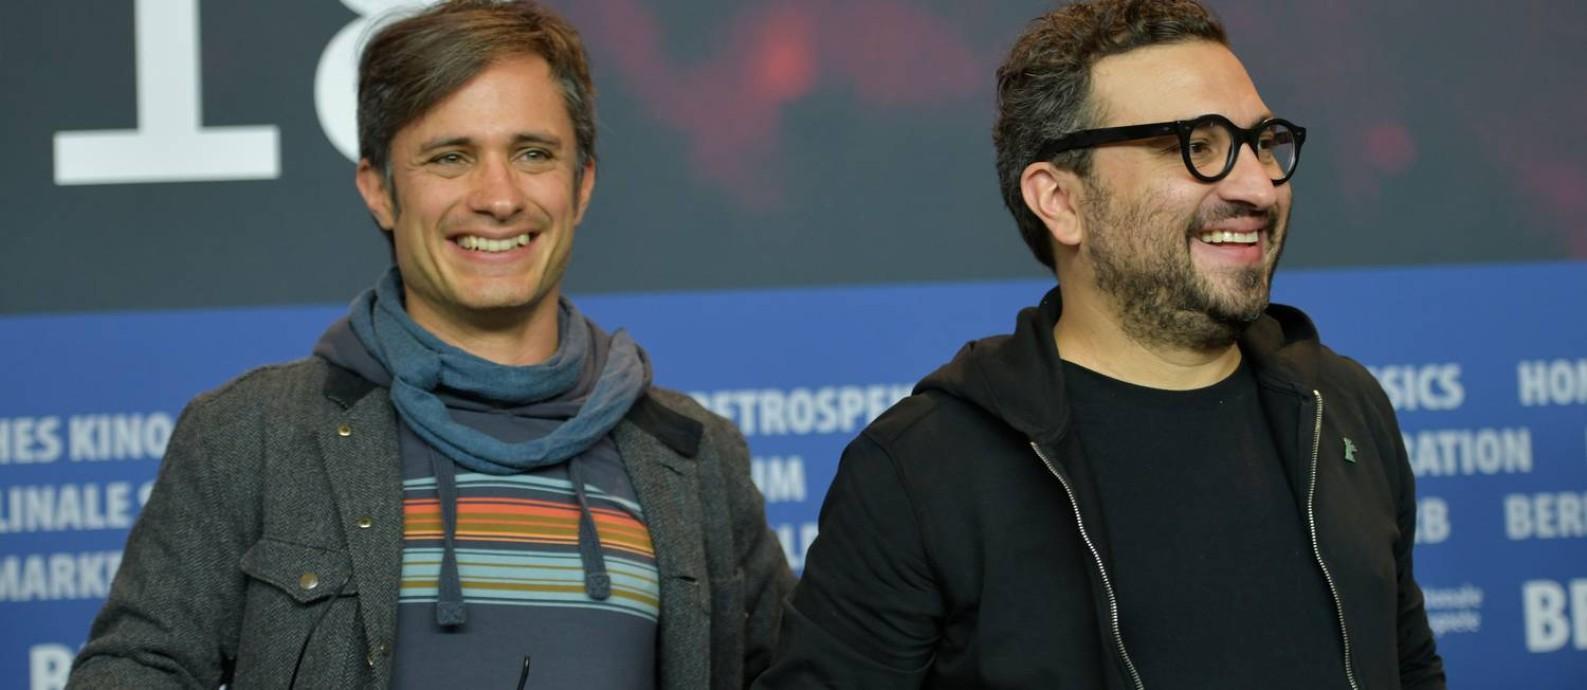 O ator Gael García Bernal e o diretor Alonso Ruizpalacios no lançamento de 'Museo', em Berlim Foto: STEFANIE LOOS / AFP